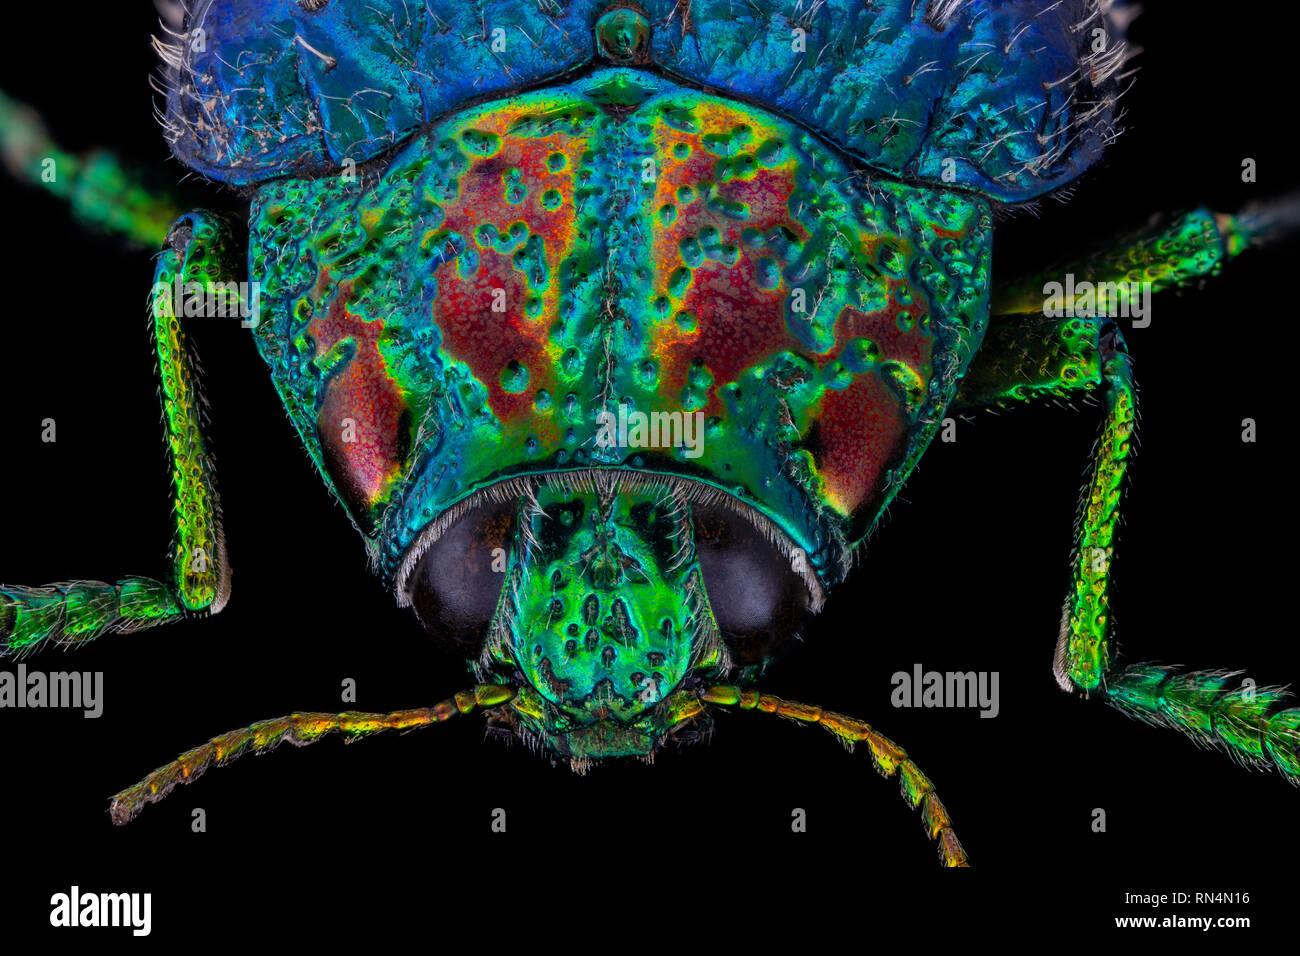 Metallic Wood Boring Beetle - Stock Image